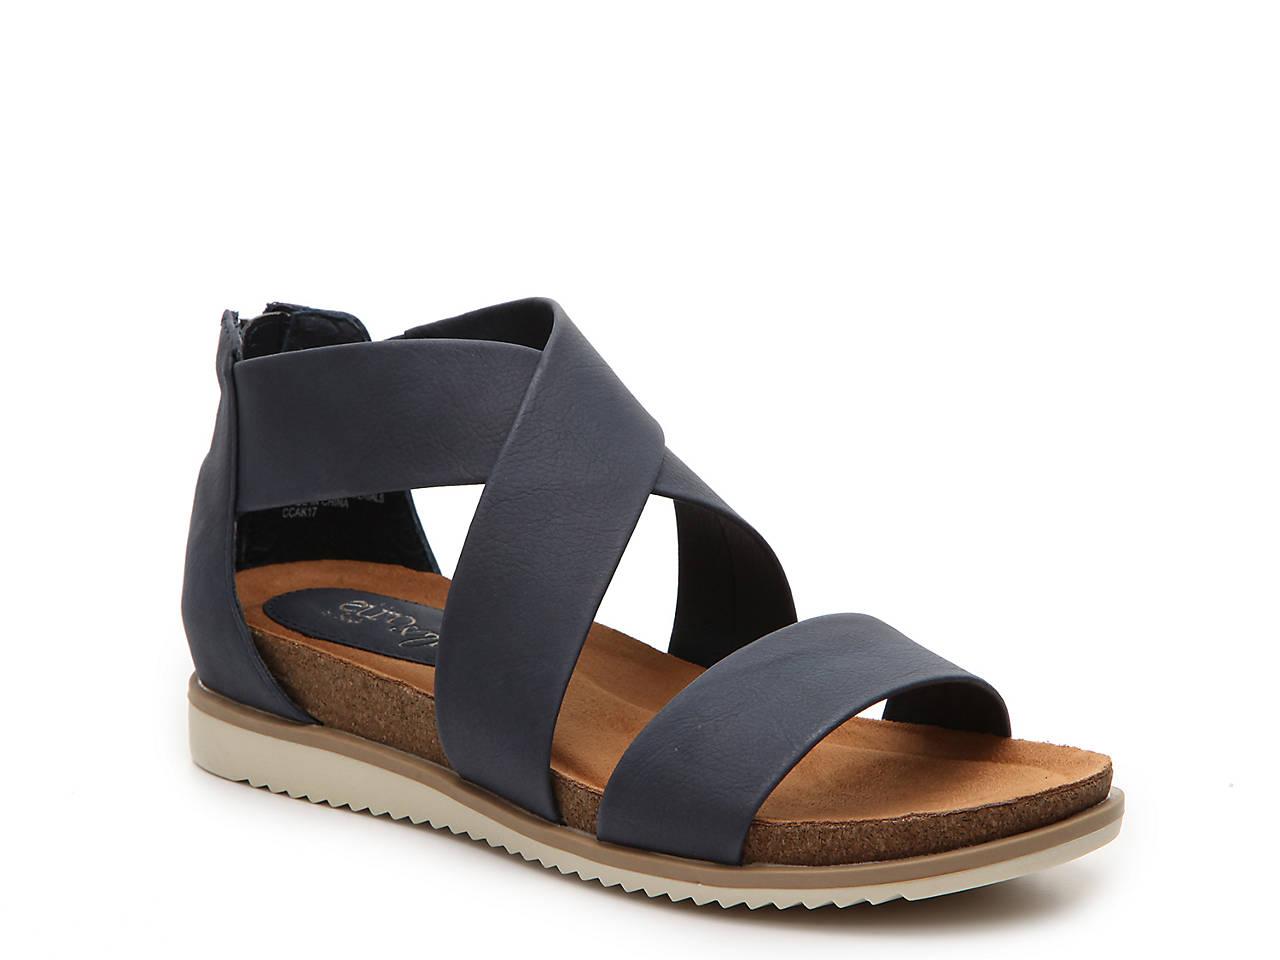 3aa23f456b8d Eurosoft Landry II Wedge Sandal Women s Shoes